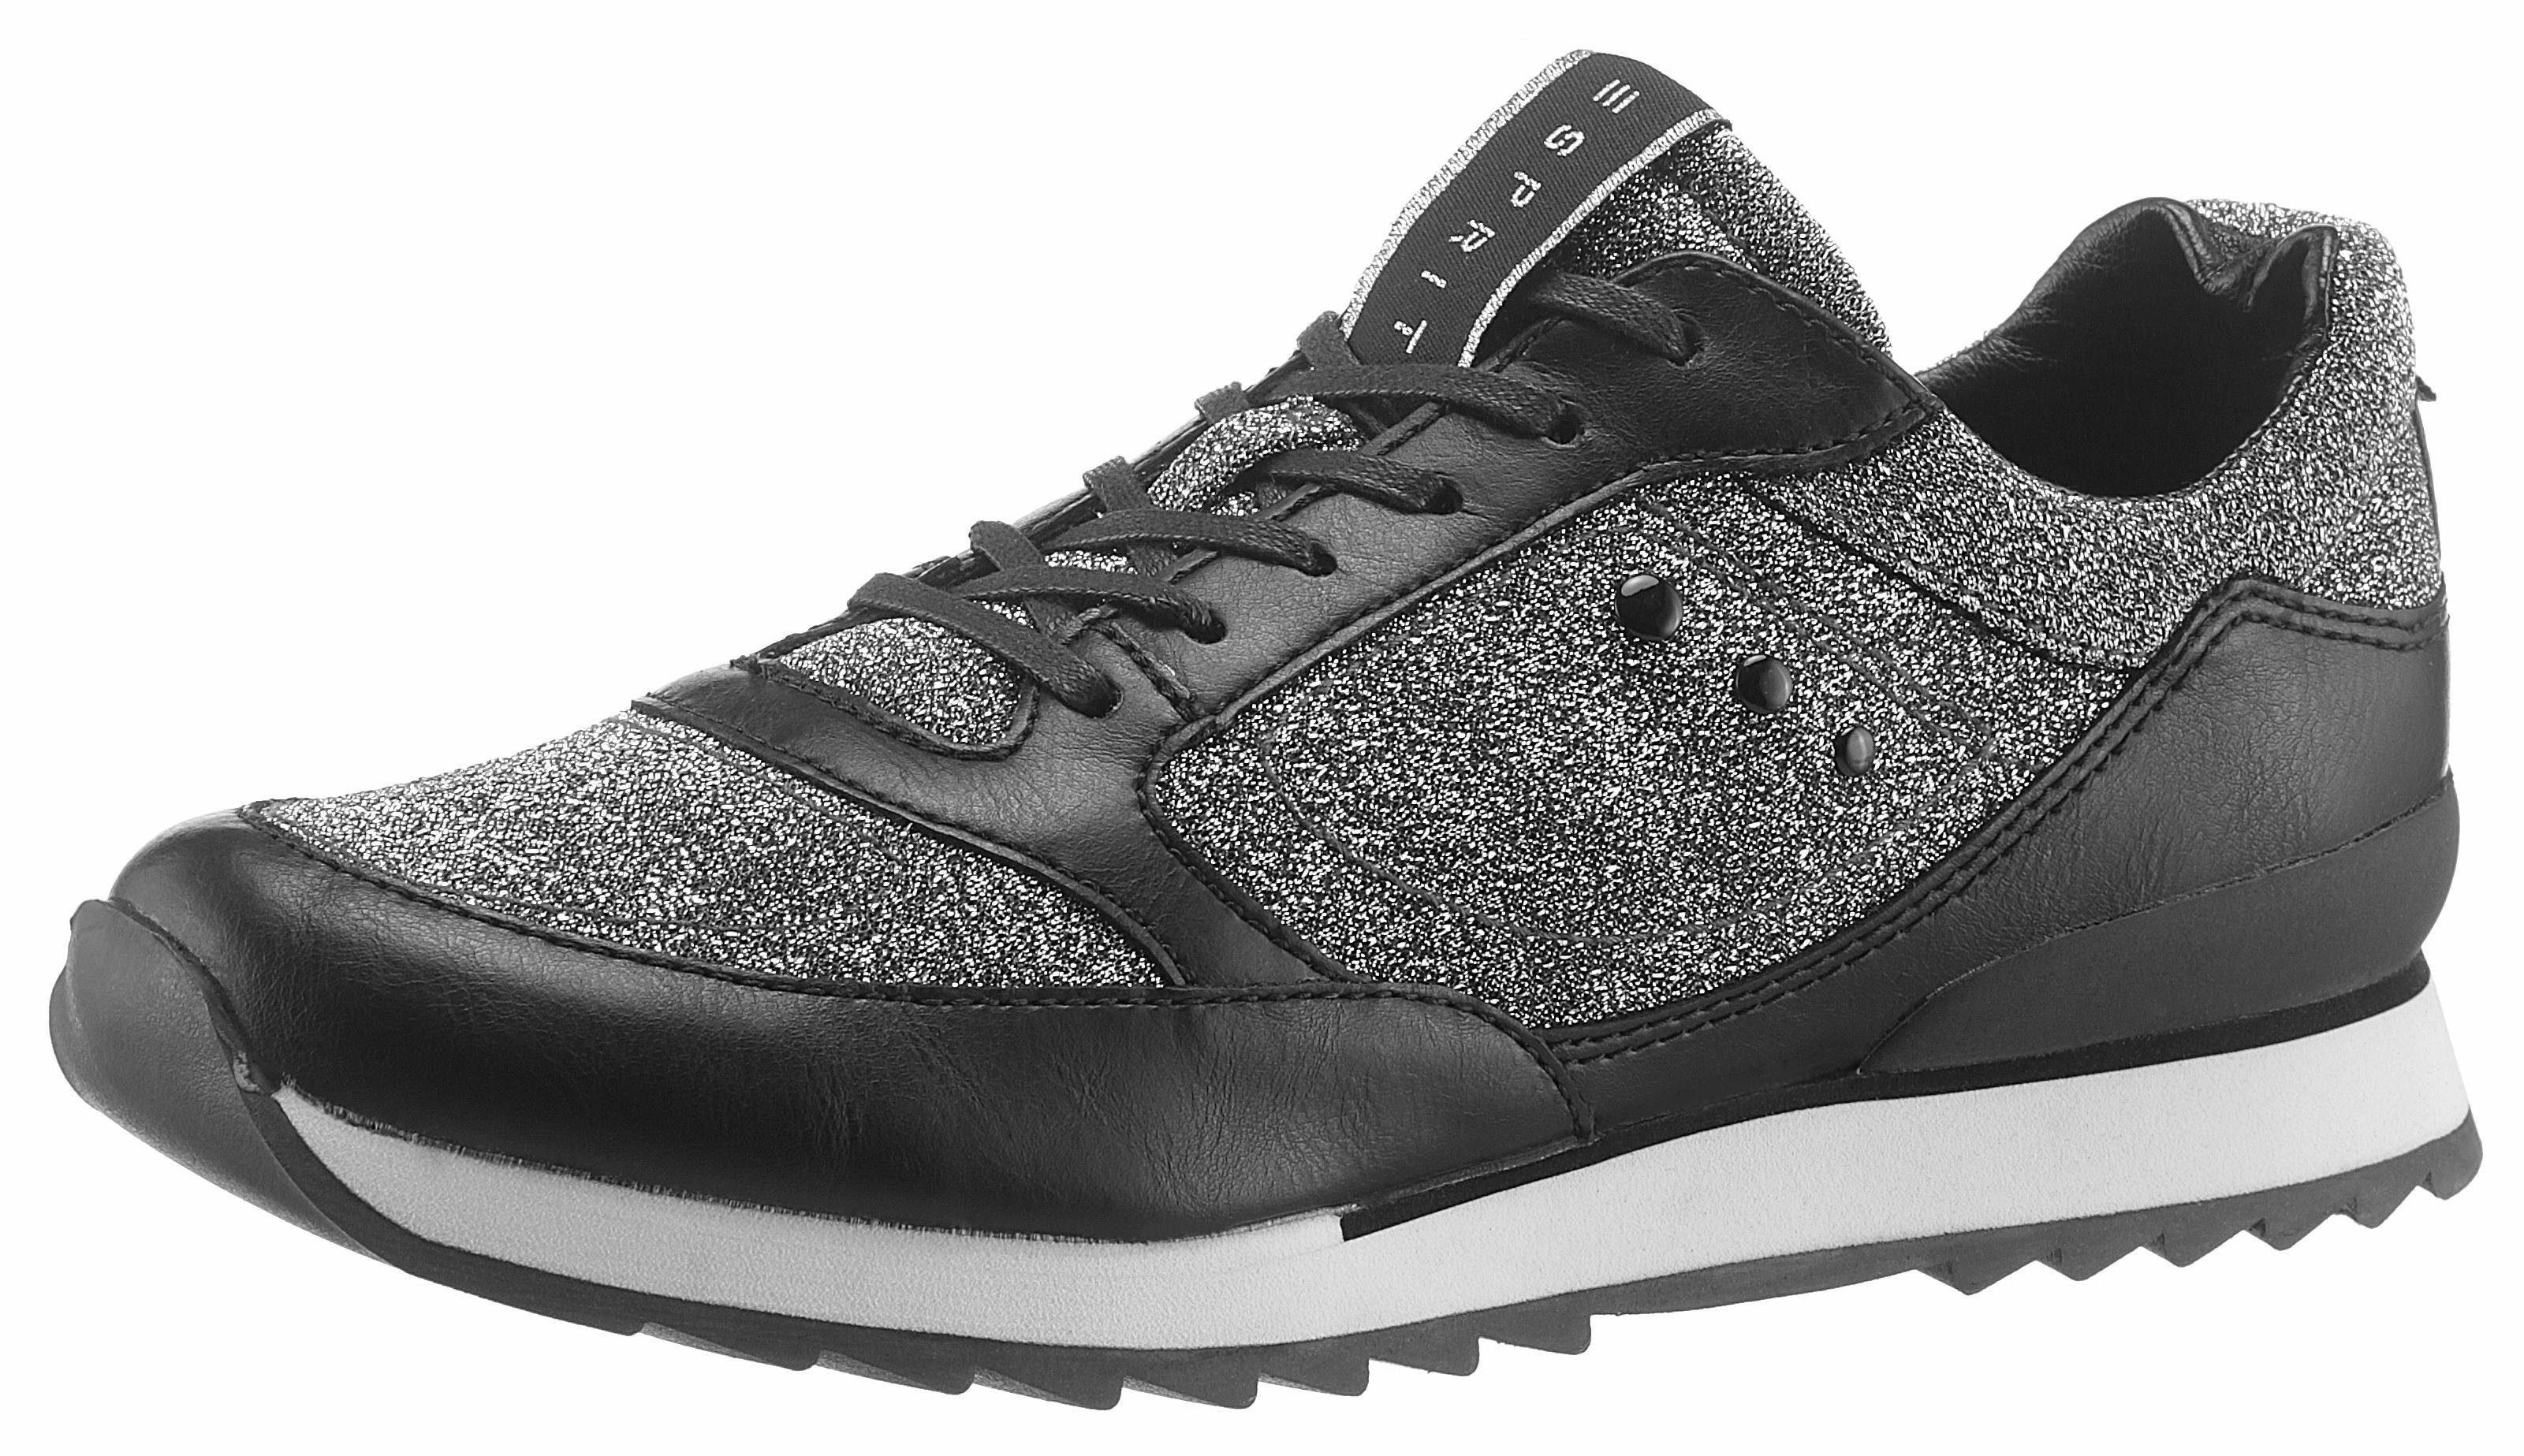 Esprit »Astro Sequ Lu« Sneaker, mit funkelnden Pailletten, grau, 36 36